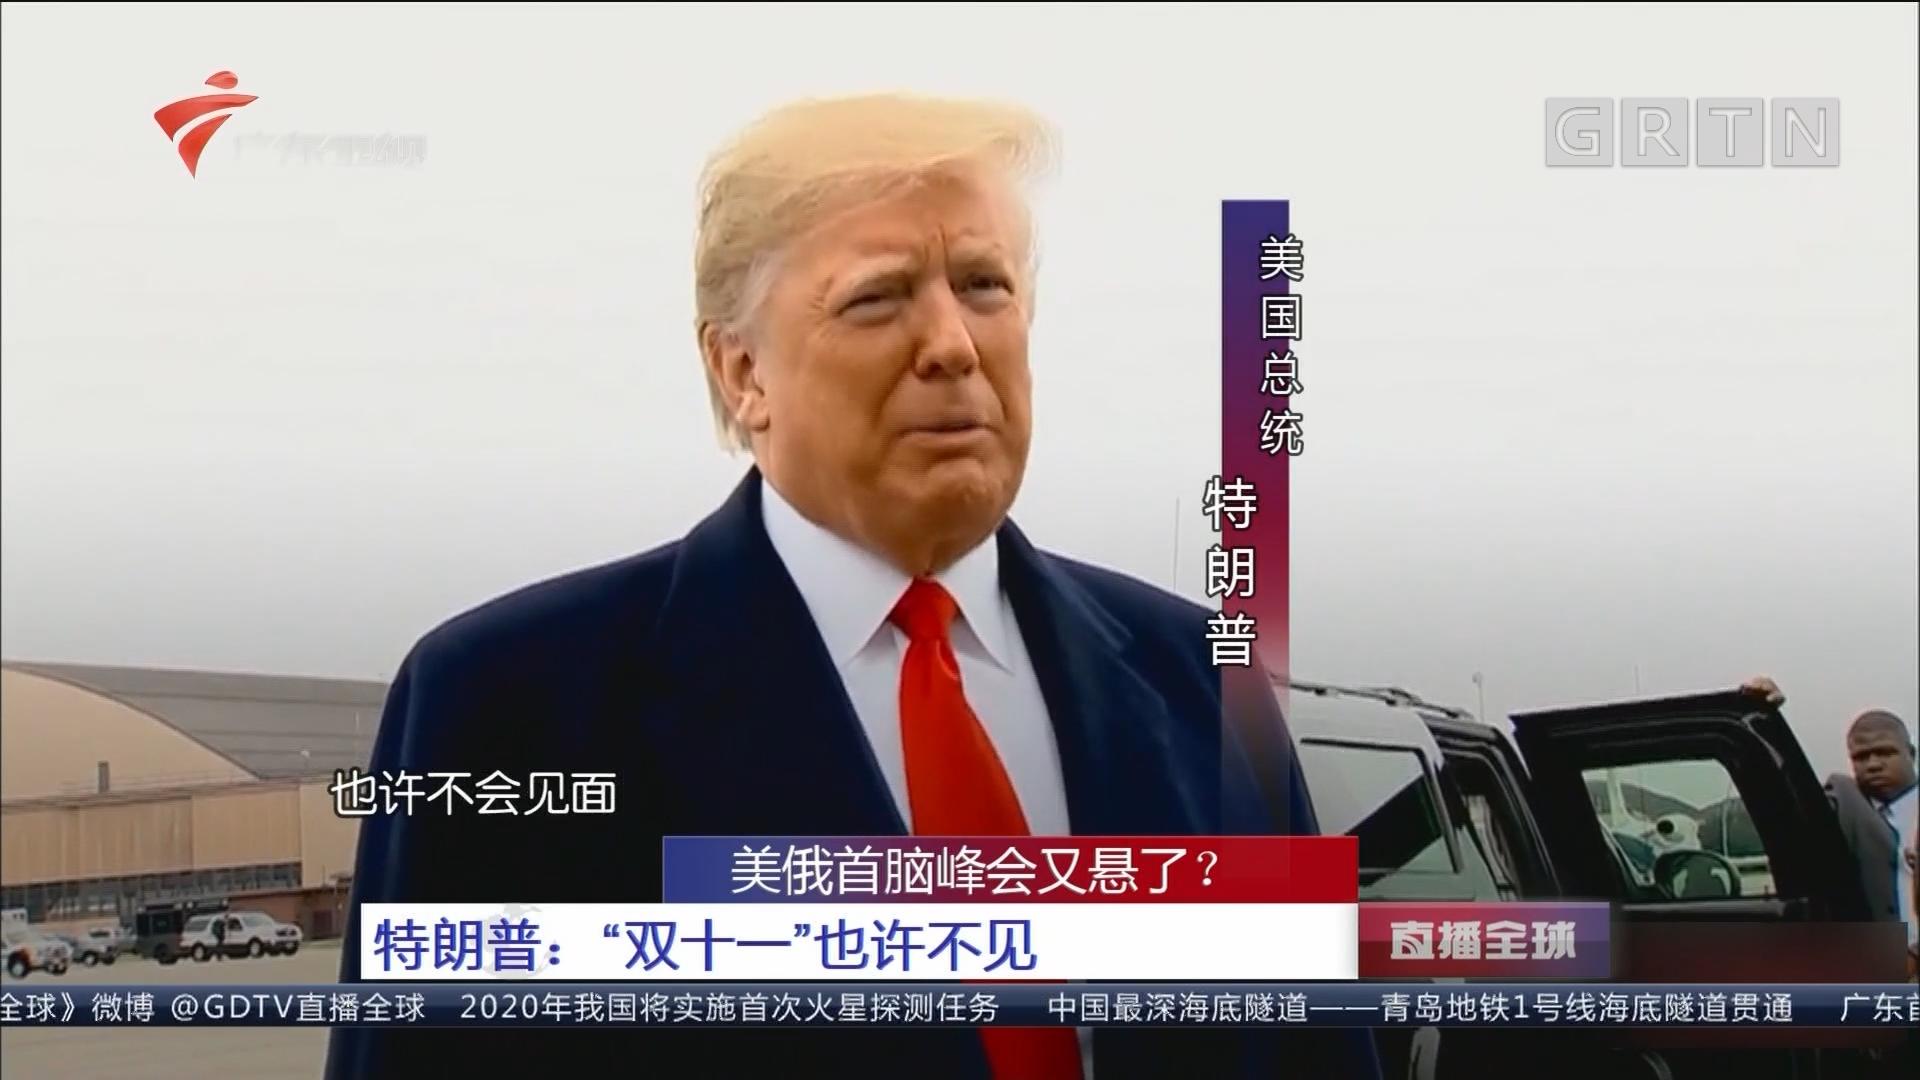 """美俄首脑峰会又悬了? 特朗普:""""双十一""""也许不见"""